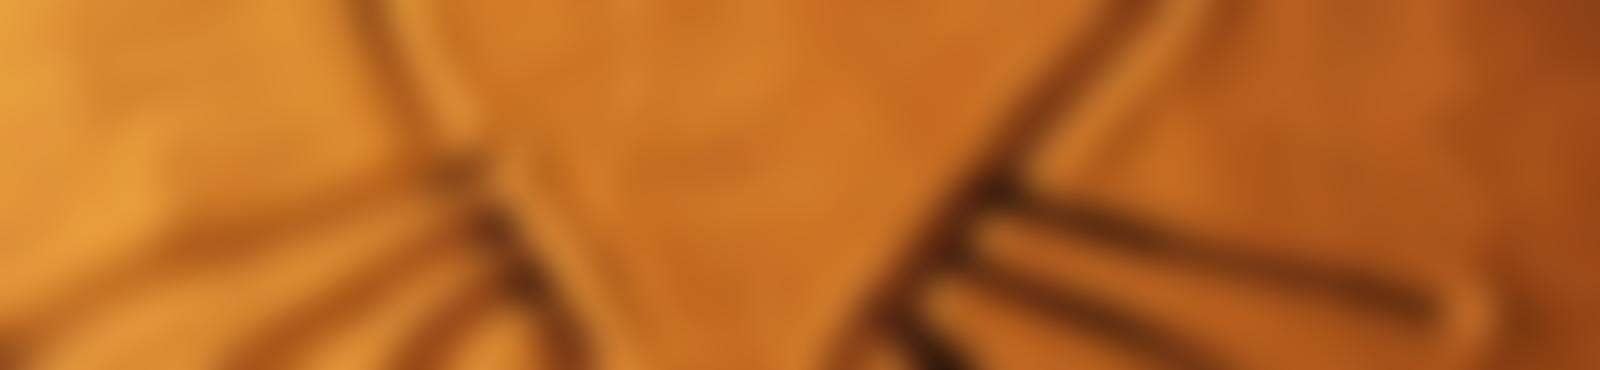 Blurred cc1f6687 840c 46b5 8f8f d8fd7290c378